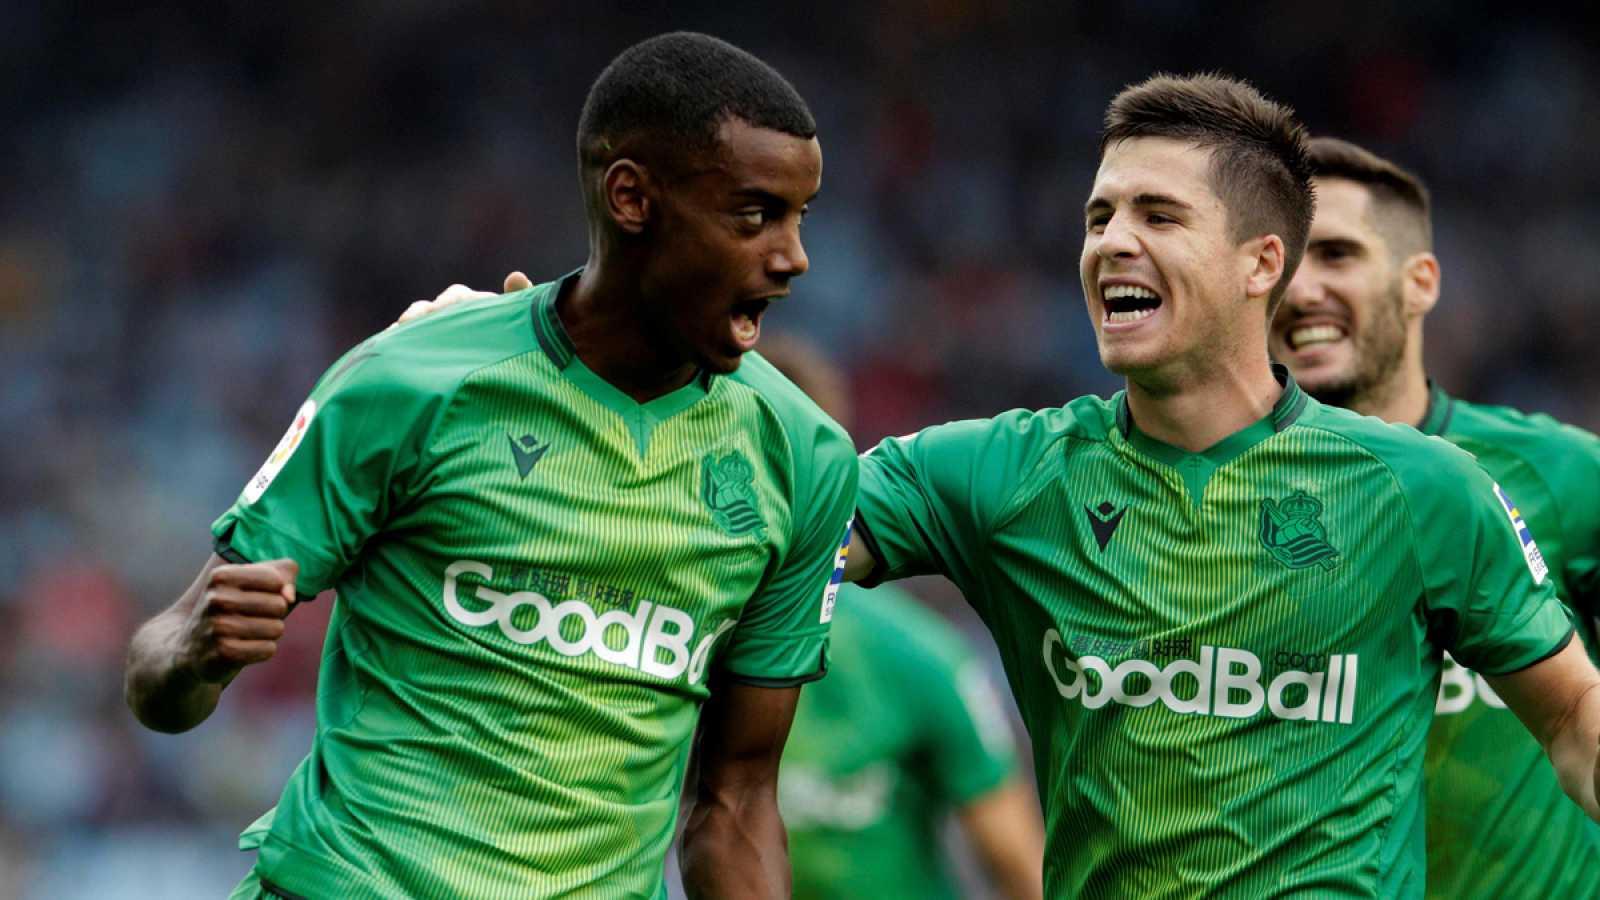 Alexander Isak (i) celebra con sus compañeros el gol